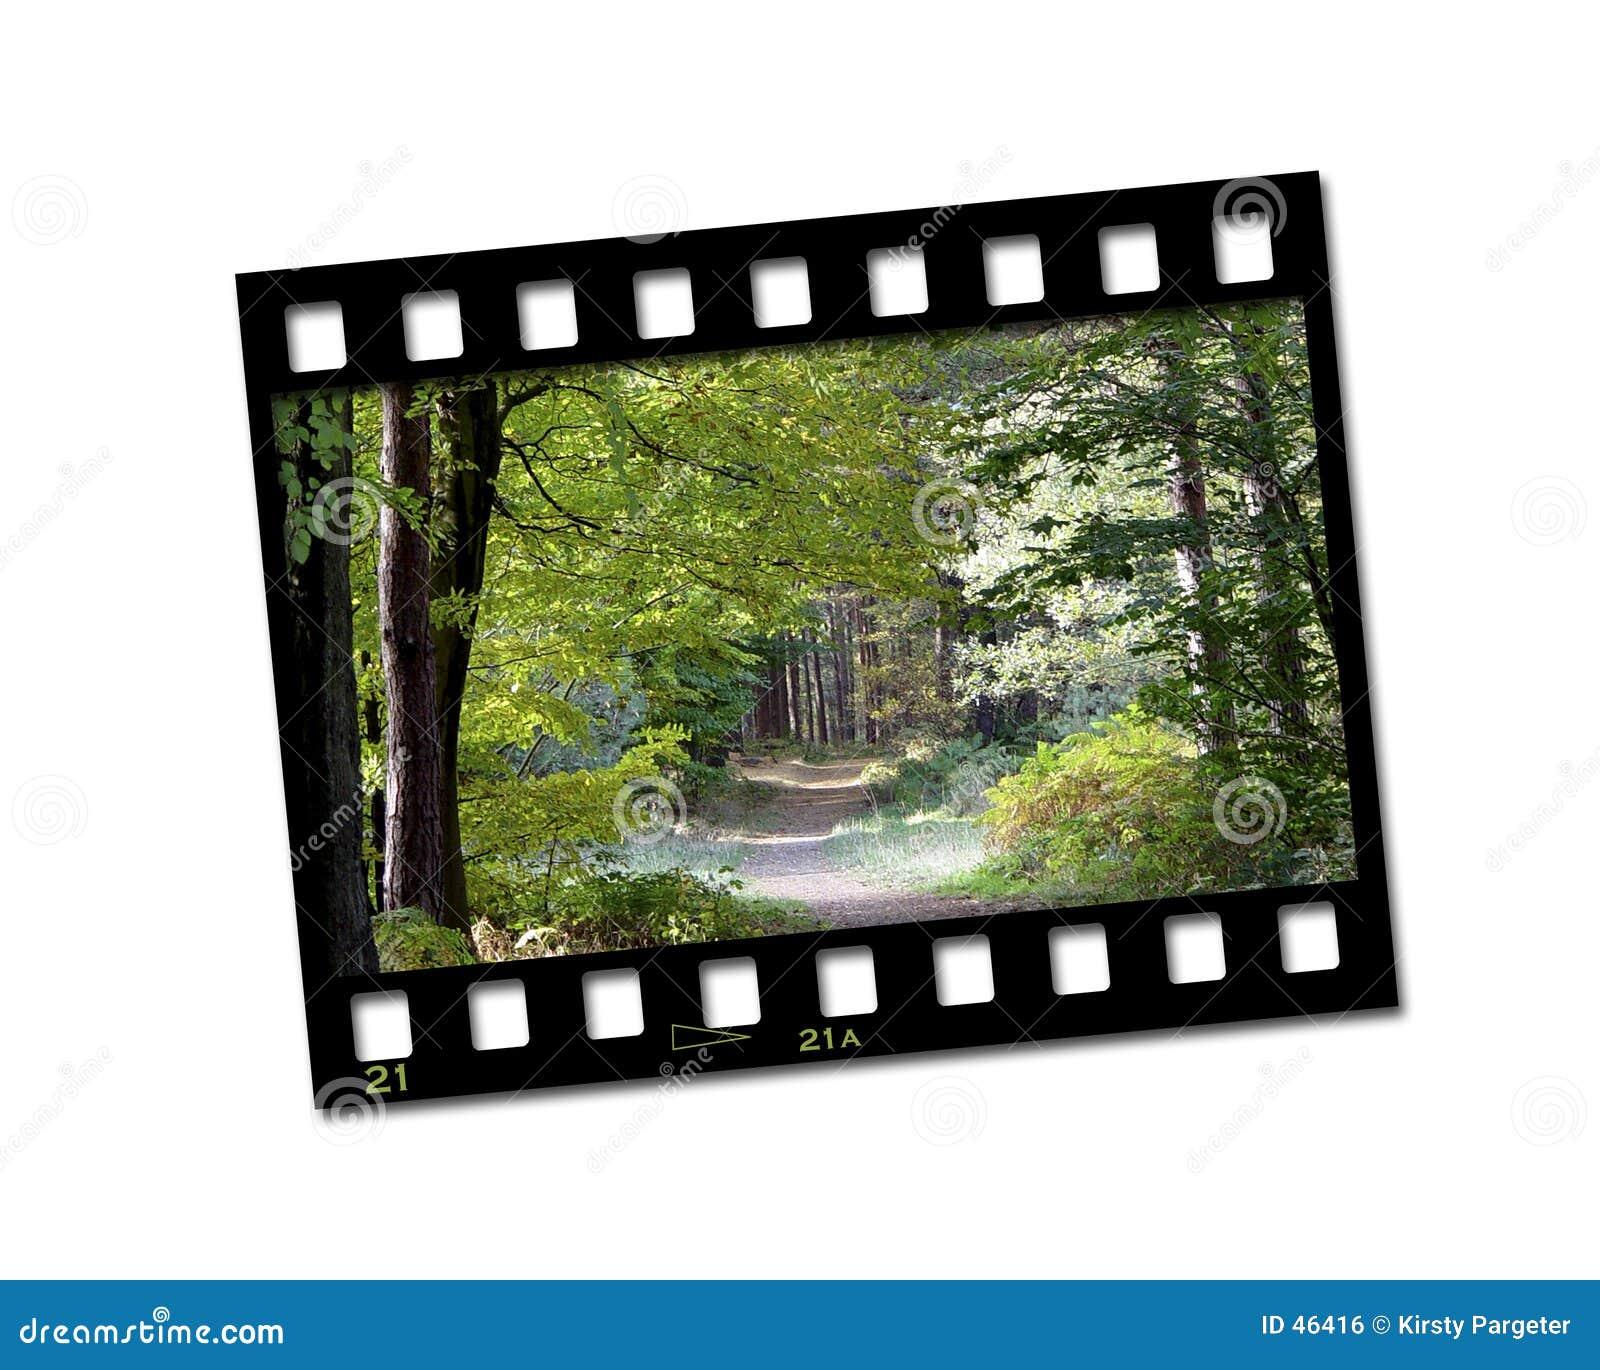 Filmstreifenfoto